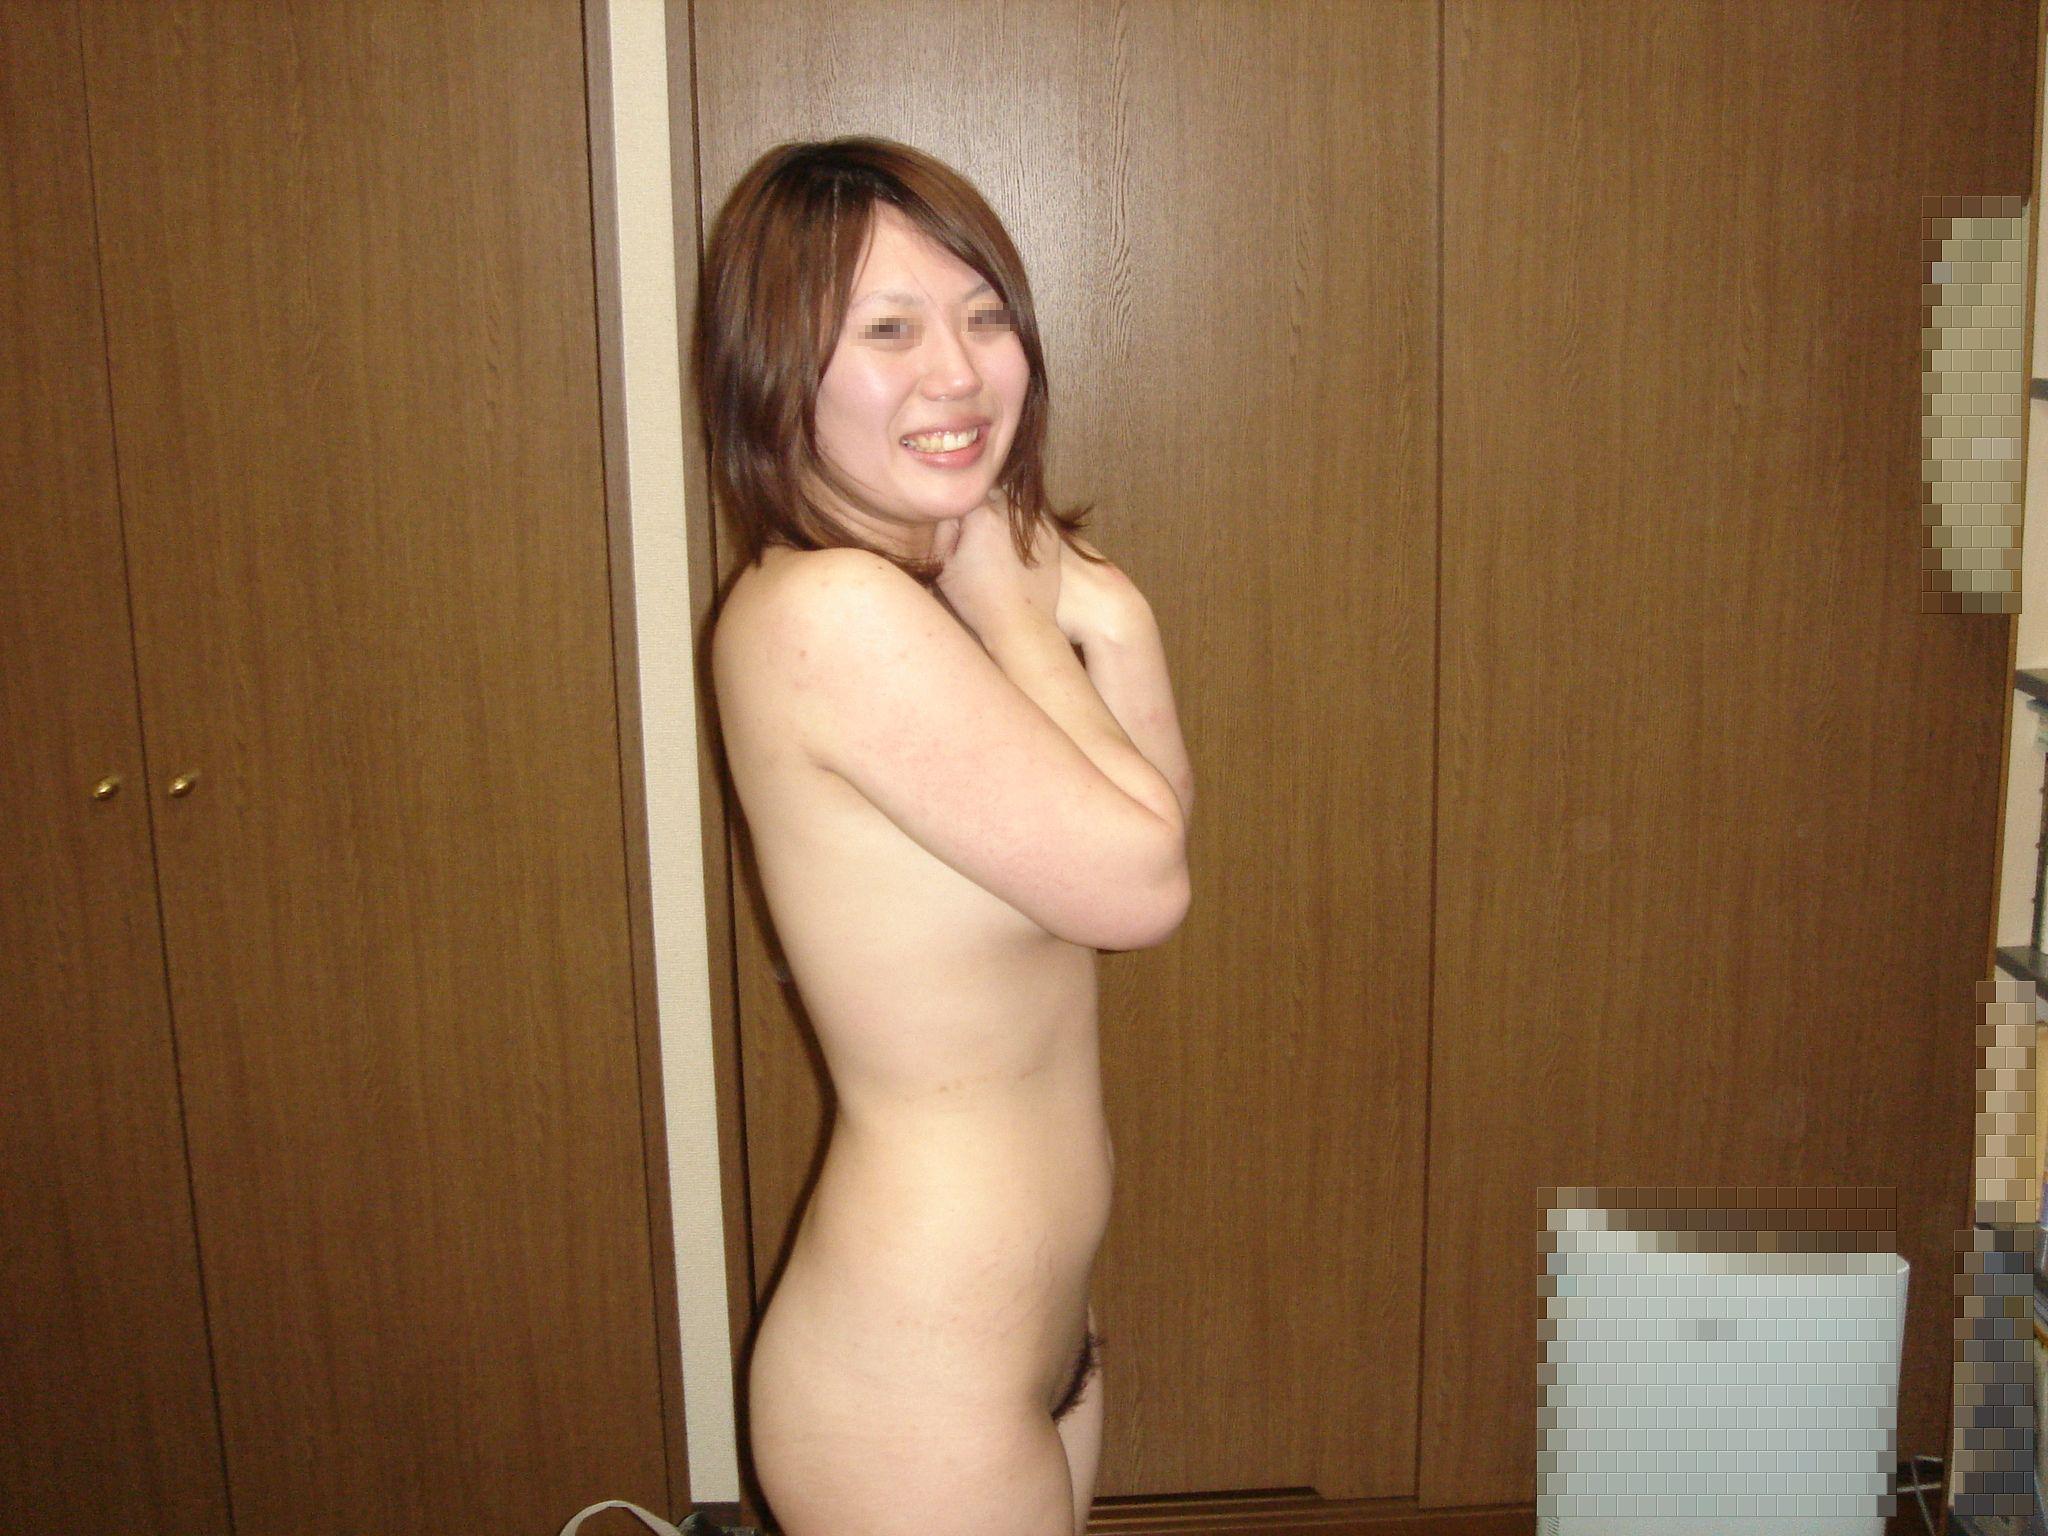 大好きな彼氏に全裸を撮られ恥ずかしそうにする彼女が可愛いwwww 21780